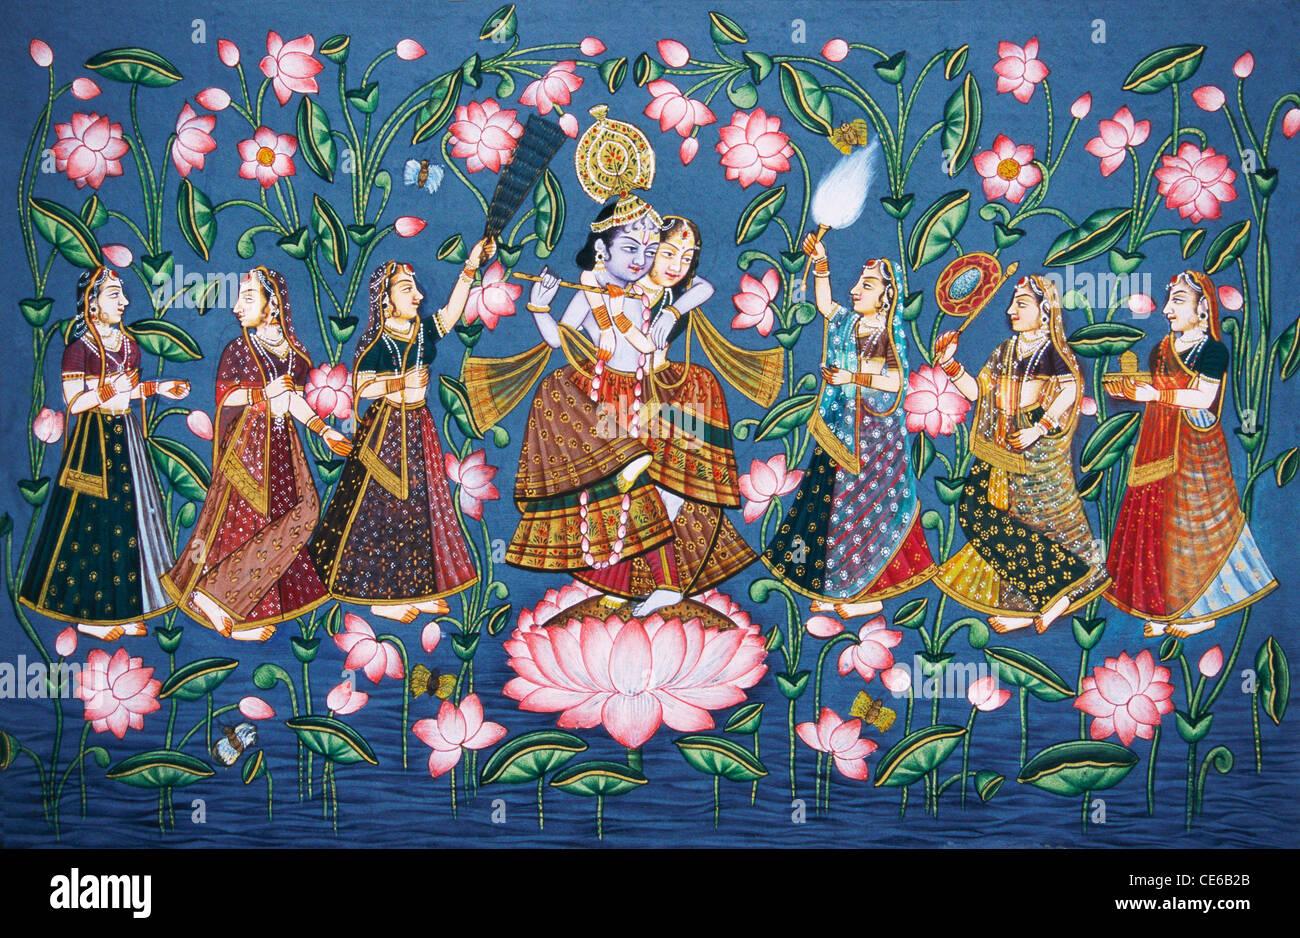 Radha Krishna Ras Leela Dancing On Lotus Flower With Sakhis